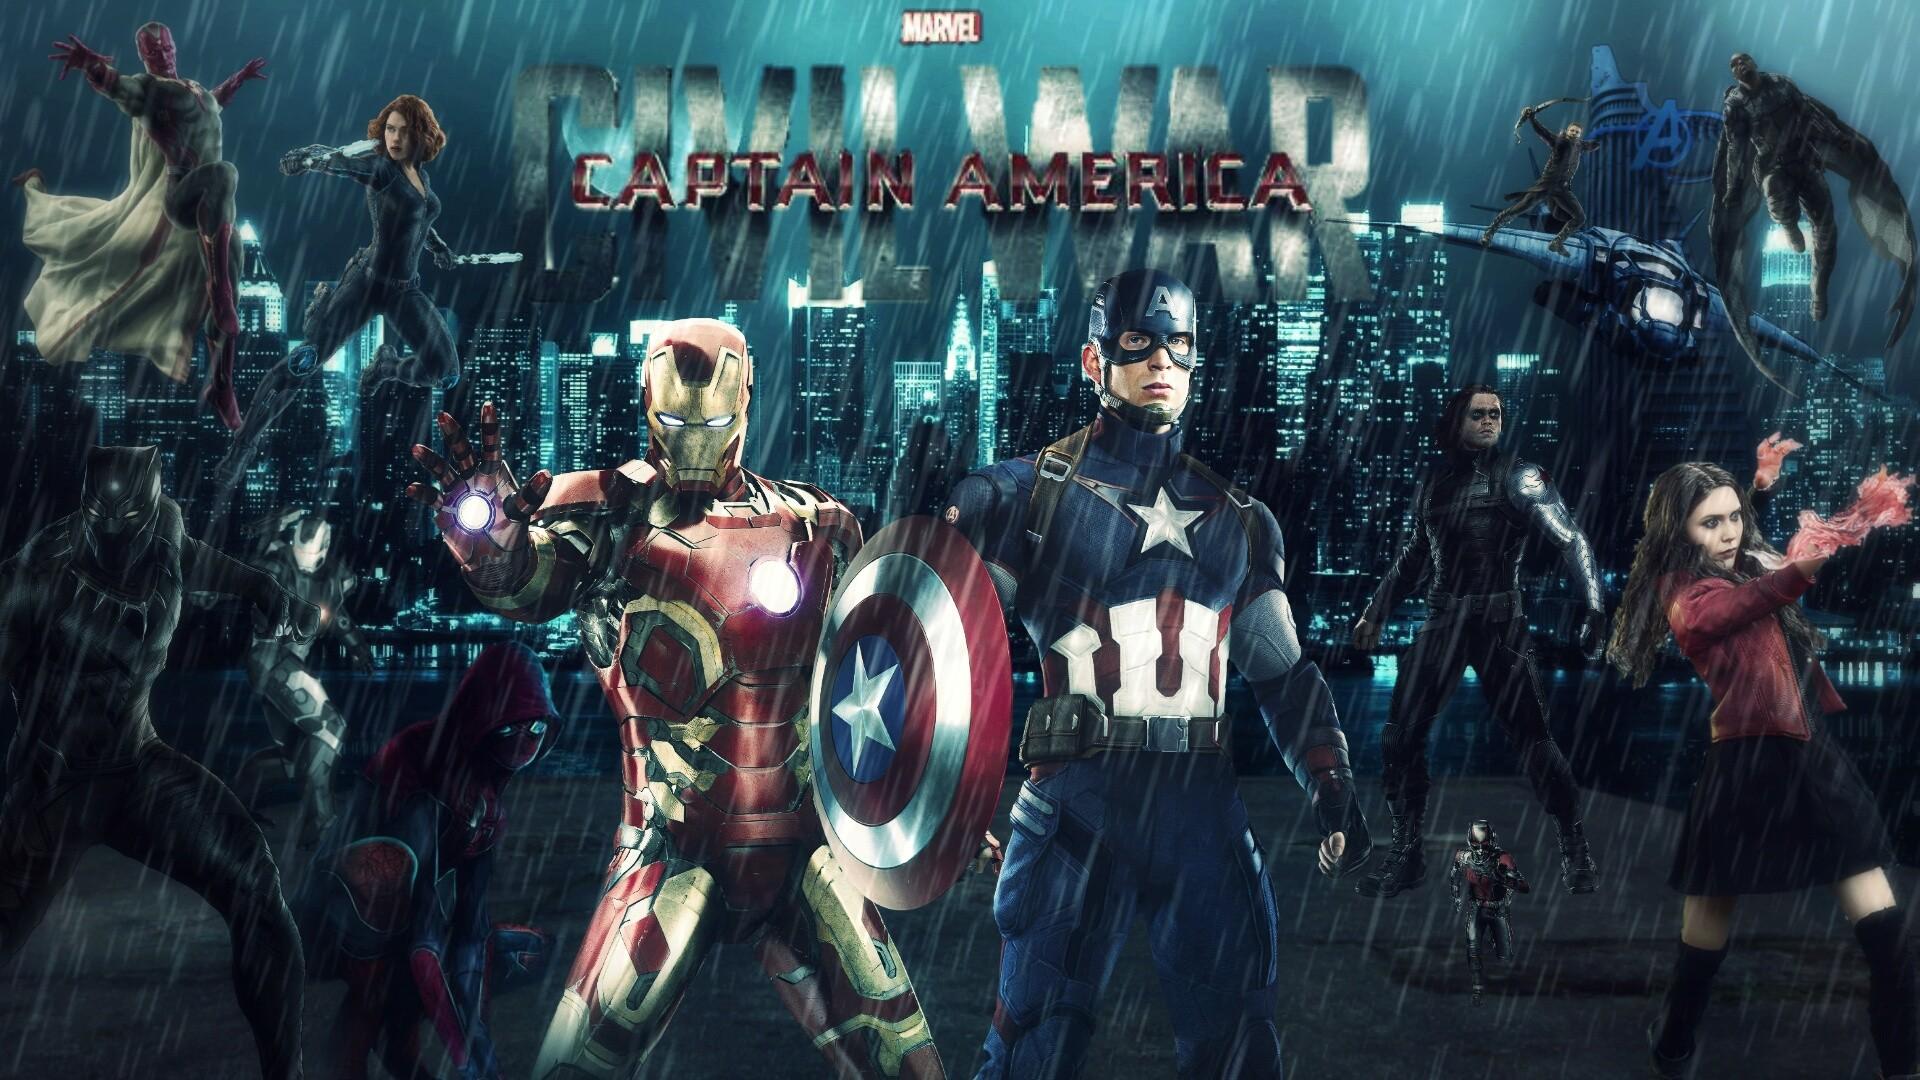 Captain America Civil War Artwork wallpapers (81 Wallpapers) – HD Wallpapers